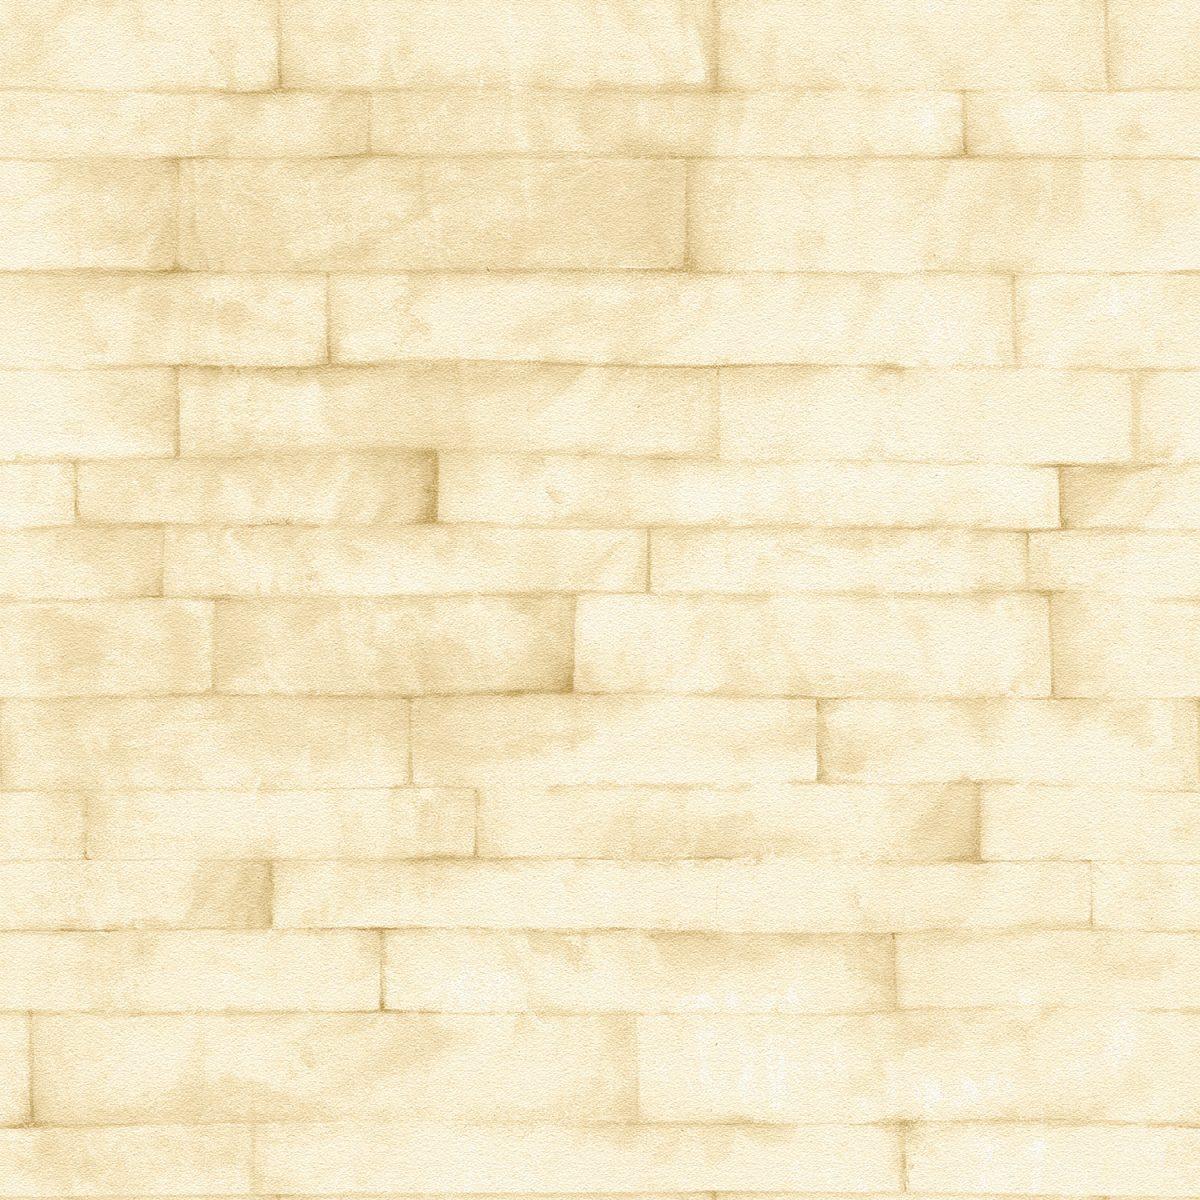 Papel de parede canjuquinha vinílico Natural